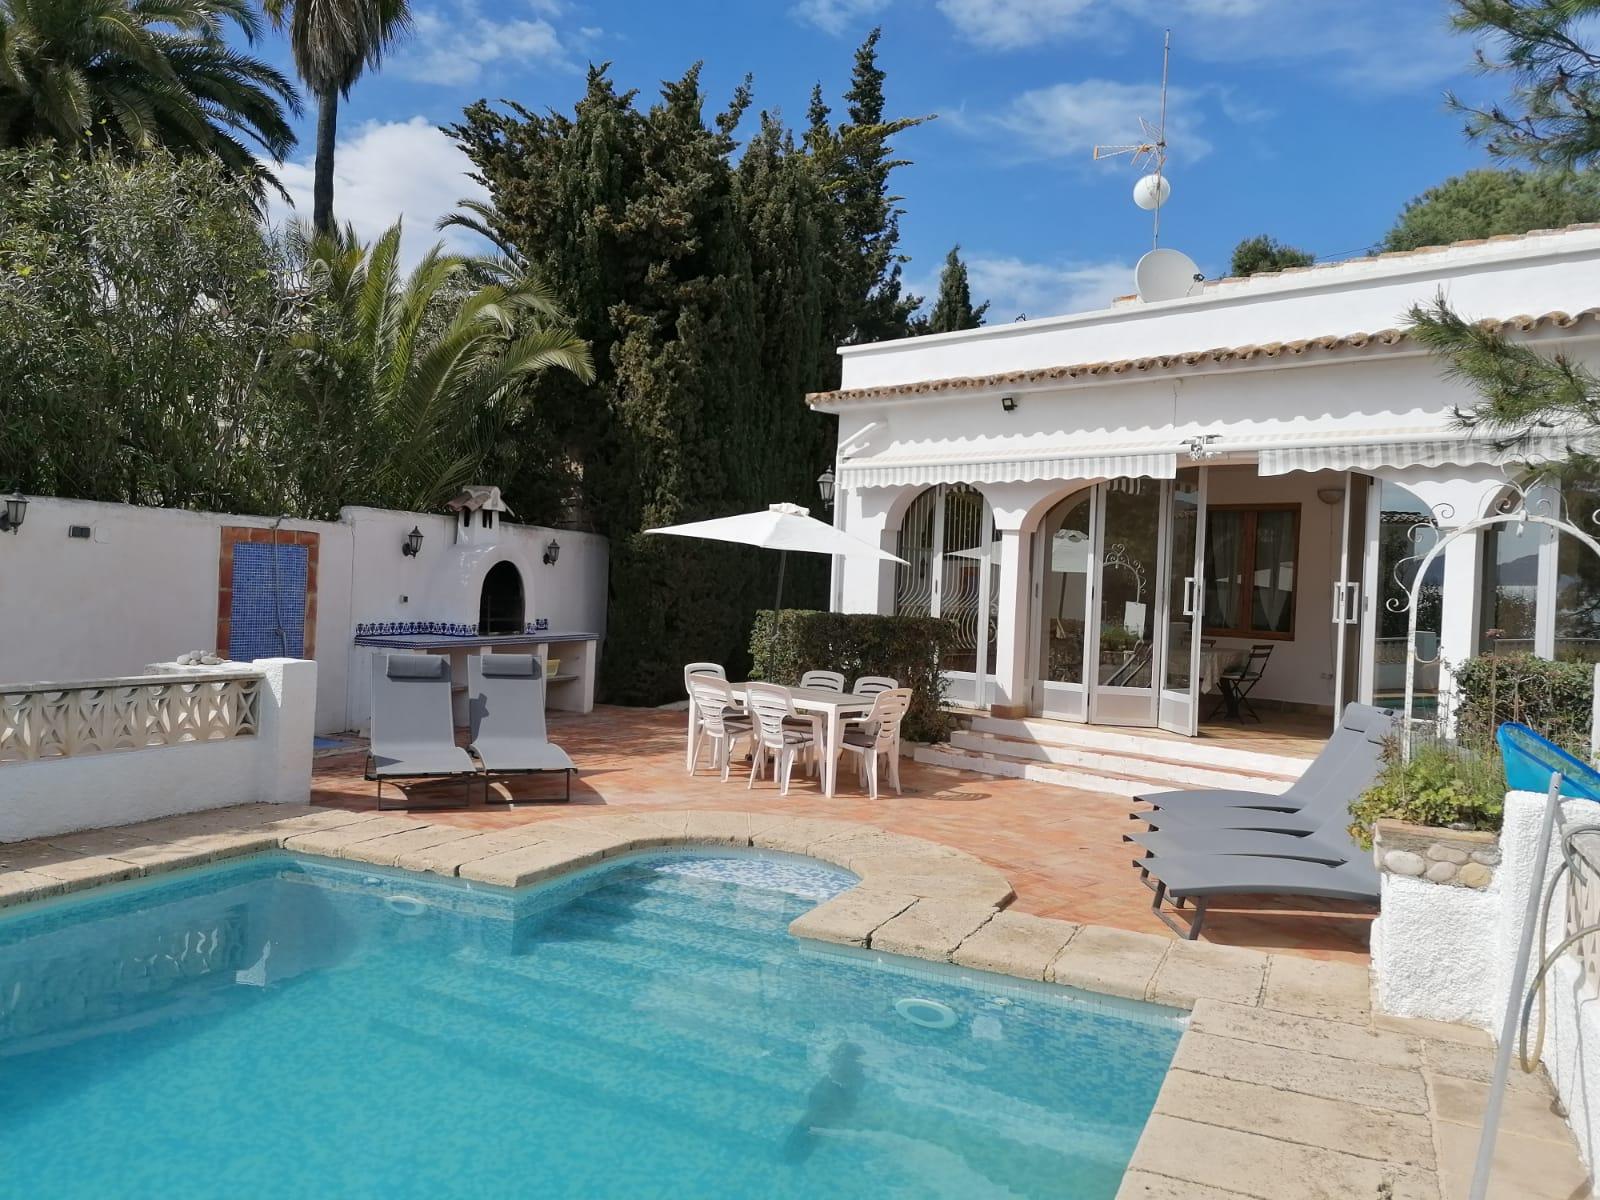 Villa 2001,Villa  con piscina privada en Moraira, en la Costa Blanca, España para 6 personas.....